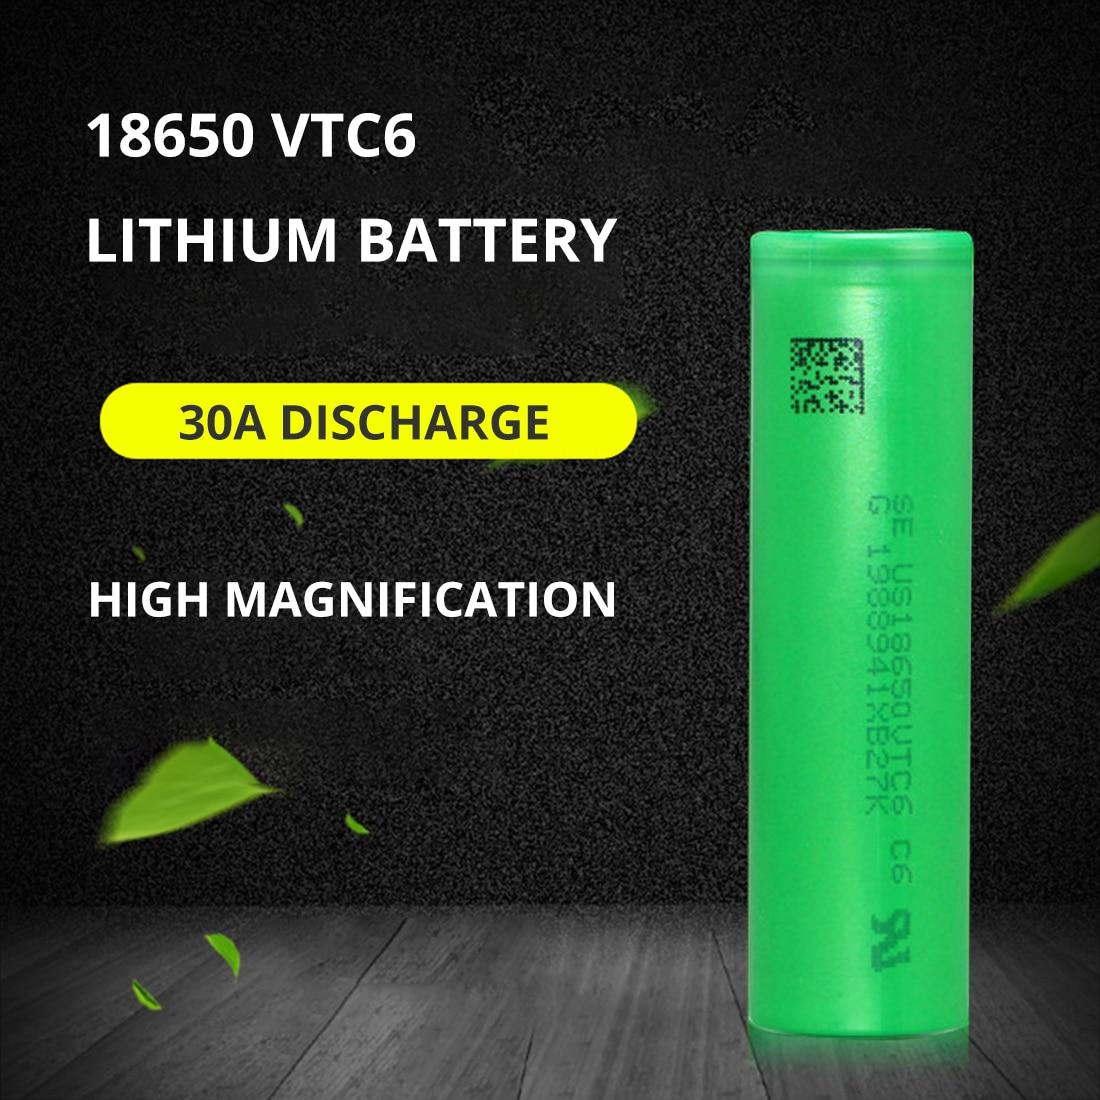 100% Новый оригинальный 3,7 в 3000 мАч литий-ионный перезаряжаемый аккумулятор 18650 для us18650 vtc6 20A 3000 мАч для Sony Игрушки Инструменты фонарик